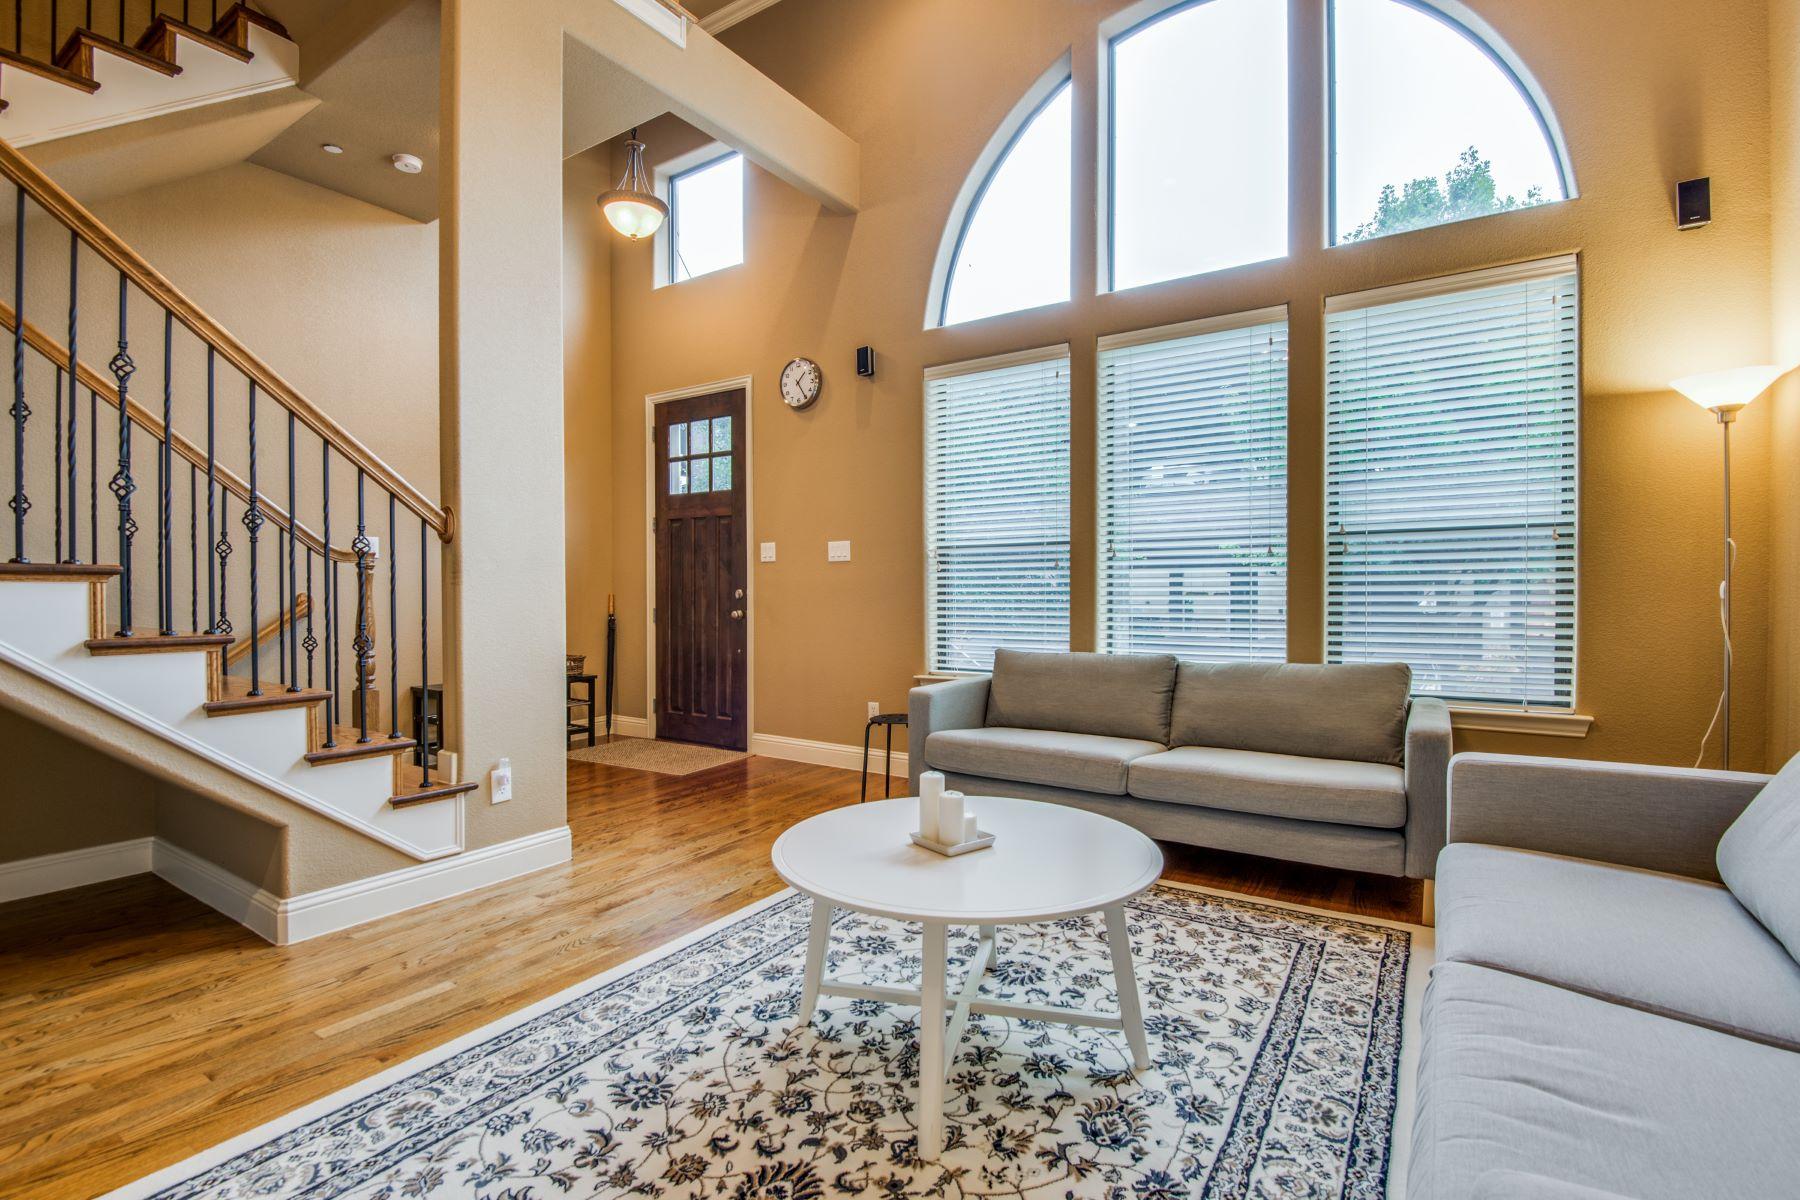 Single Family Homes für Verkauf beim Shops at Legacy ! 5789 Lois Lane, Plano, Texas 75024 Vereinigte Staaten